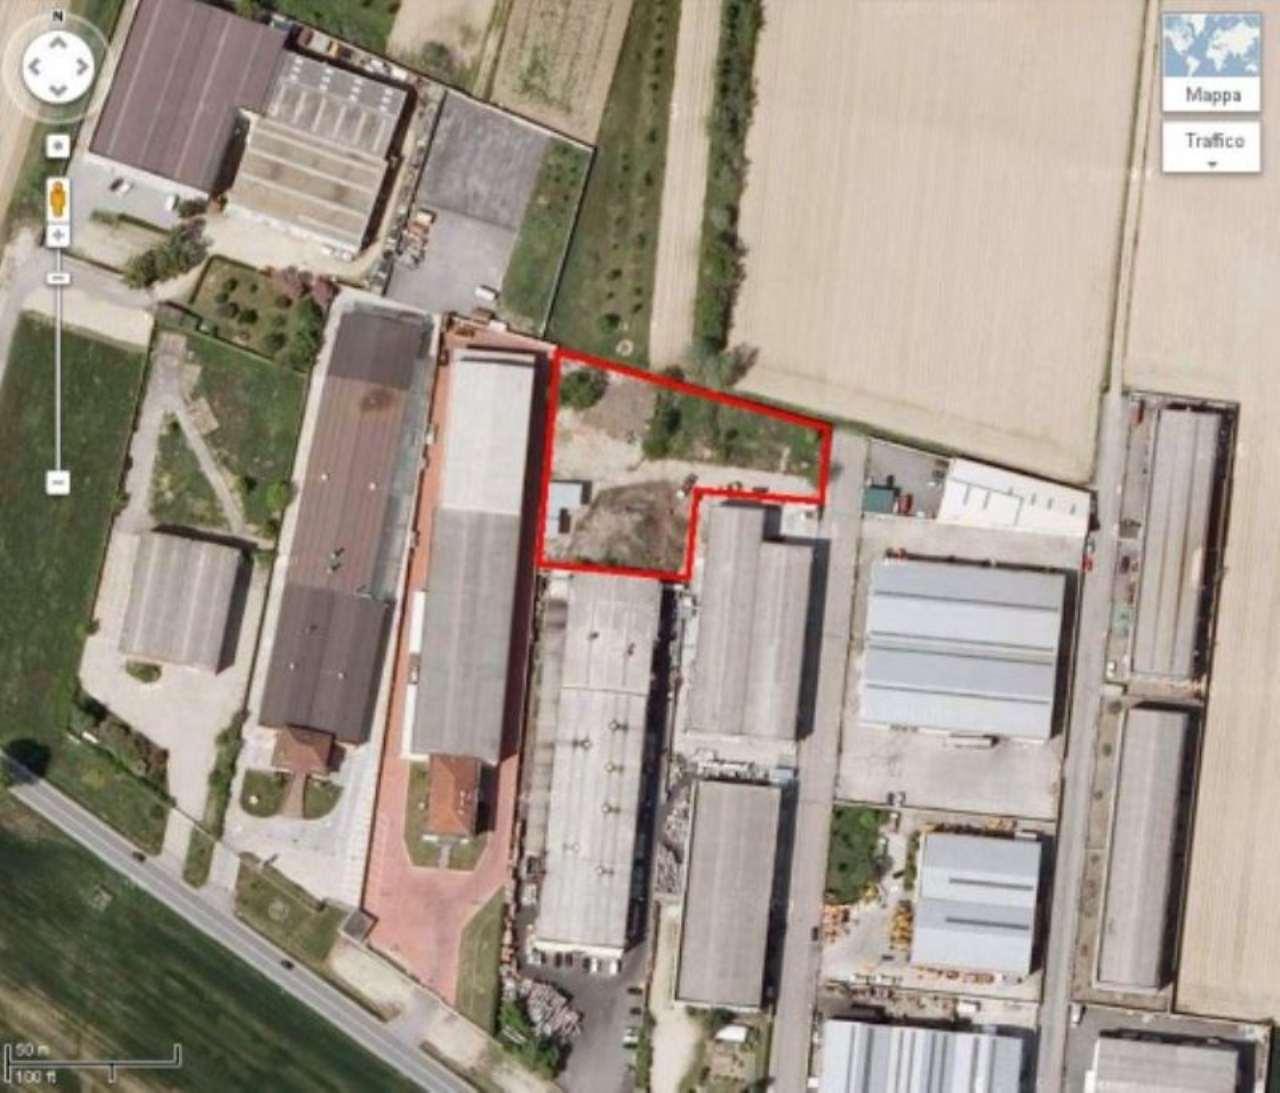 Terreno Edificabile Artigianale in vendita a Santena, 9999 locali, prezzo € 350.000 | PortaleAgenzieImmobiliari.it